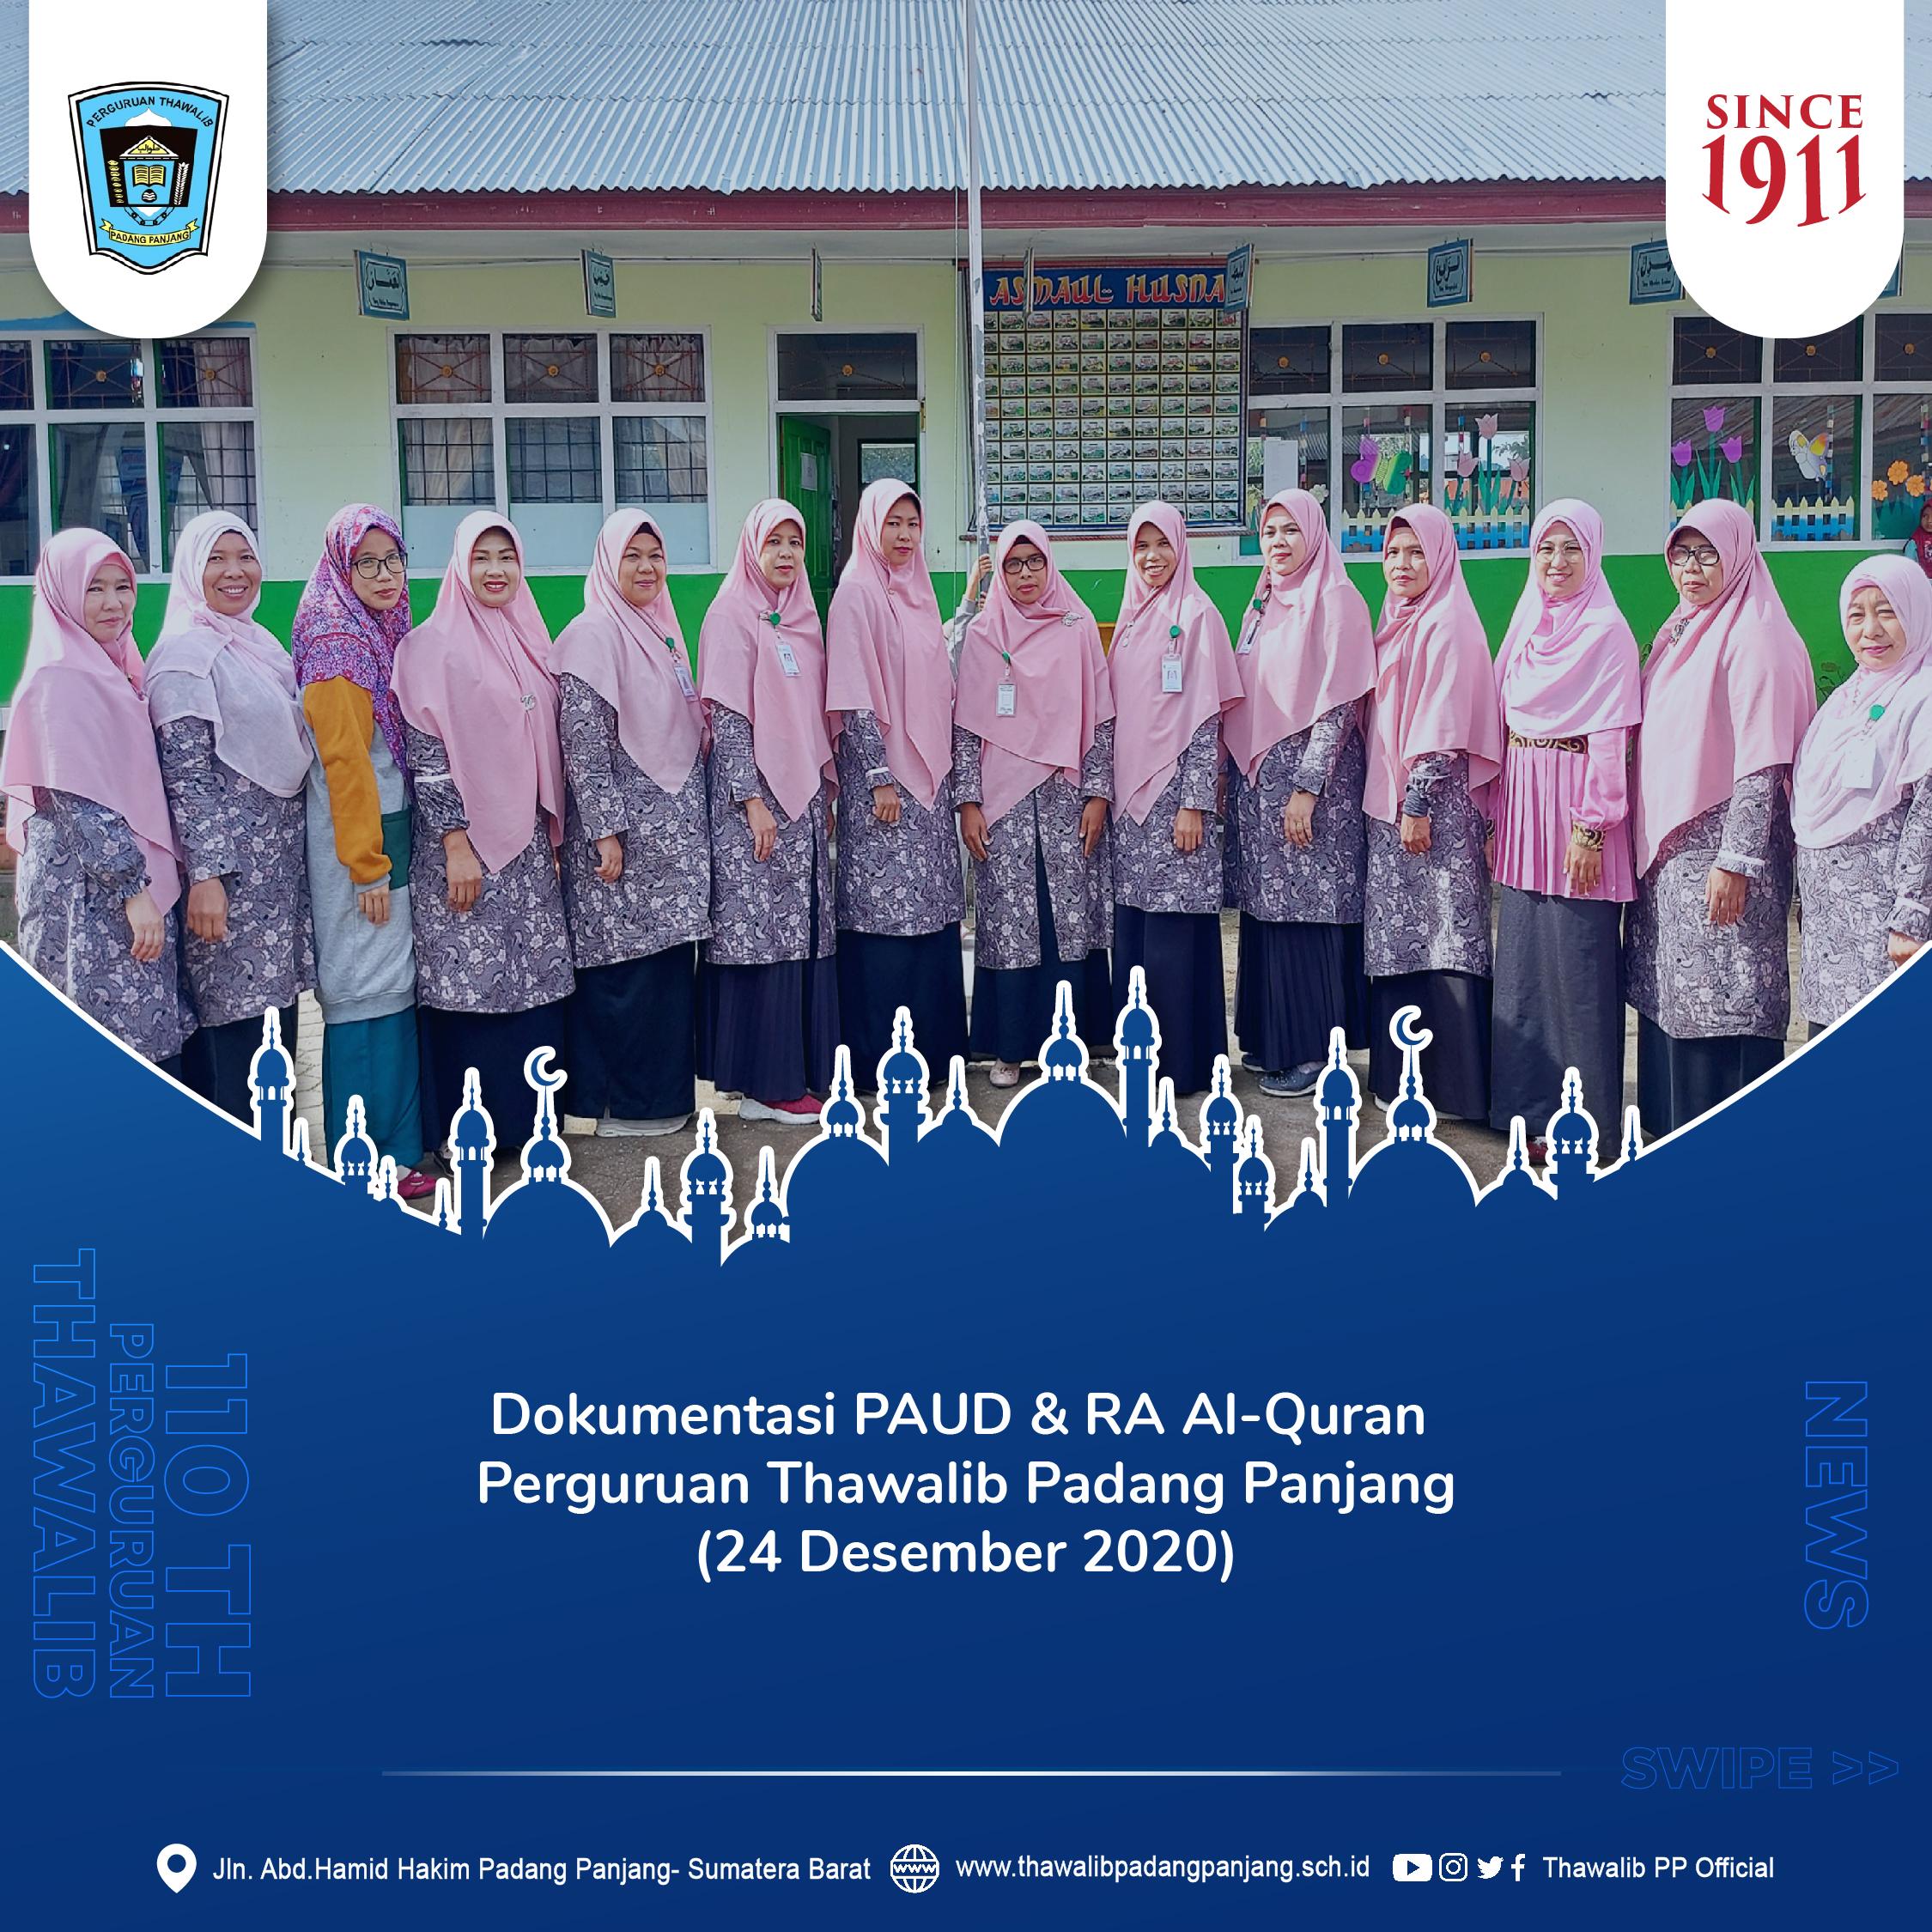 Dokumentasi PAUD & RA Al-Quran Perguruan Thawalib Padang Panjang (24 Desember 2020)